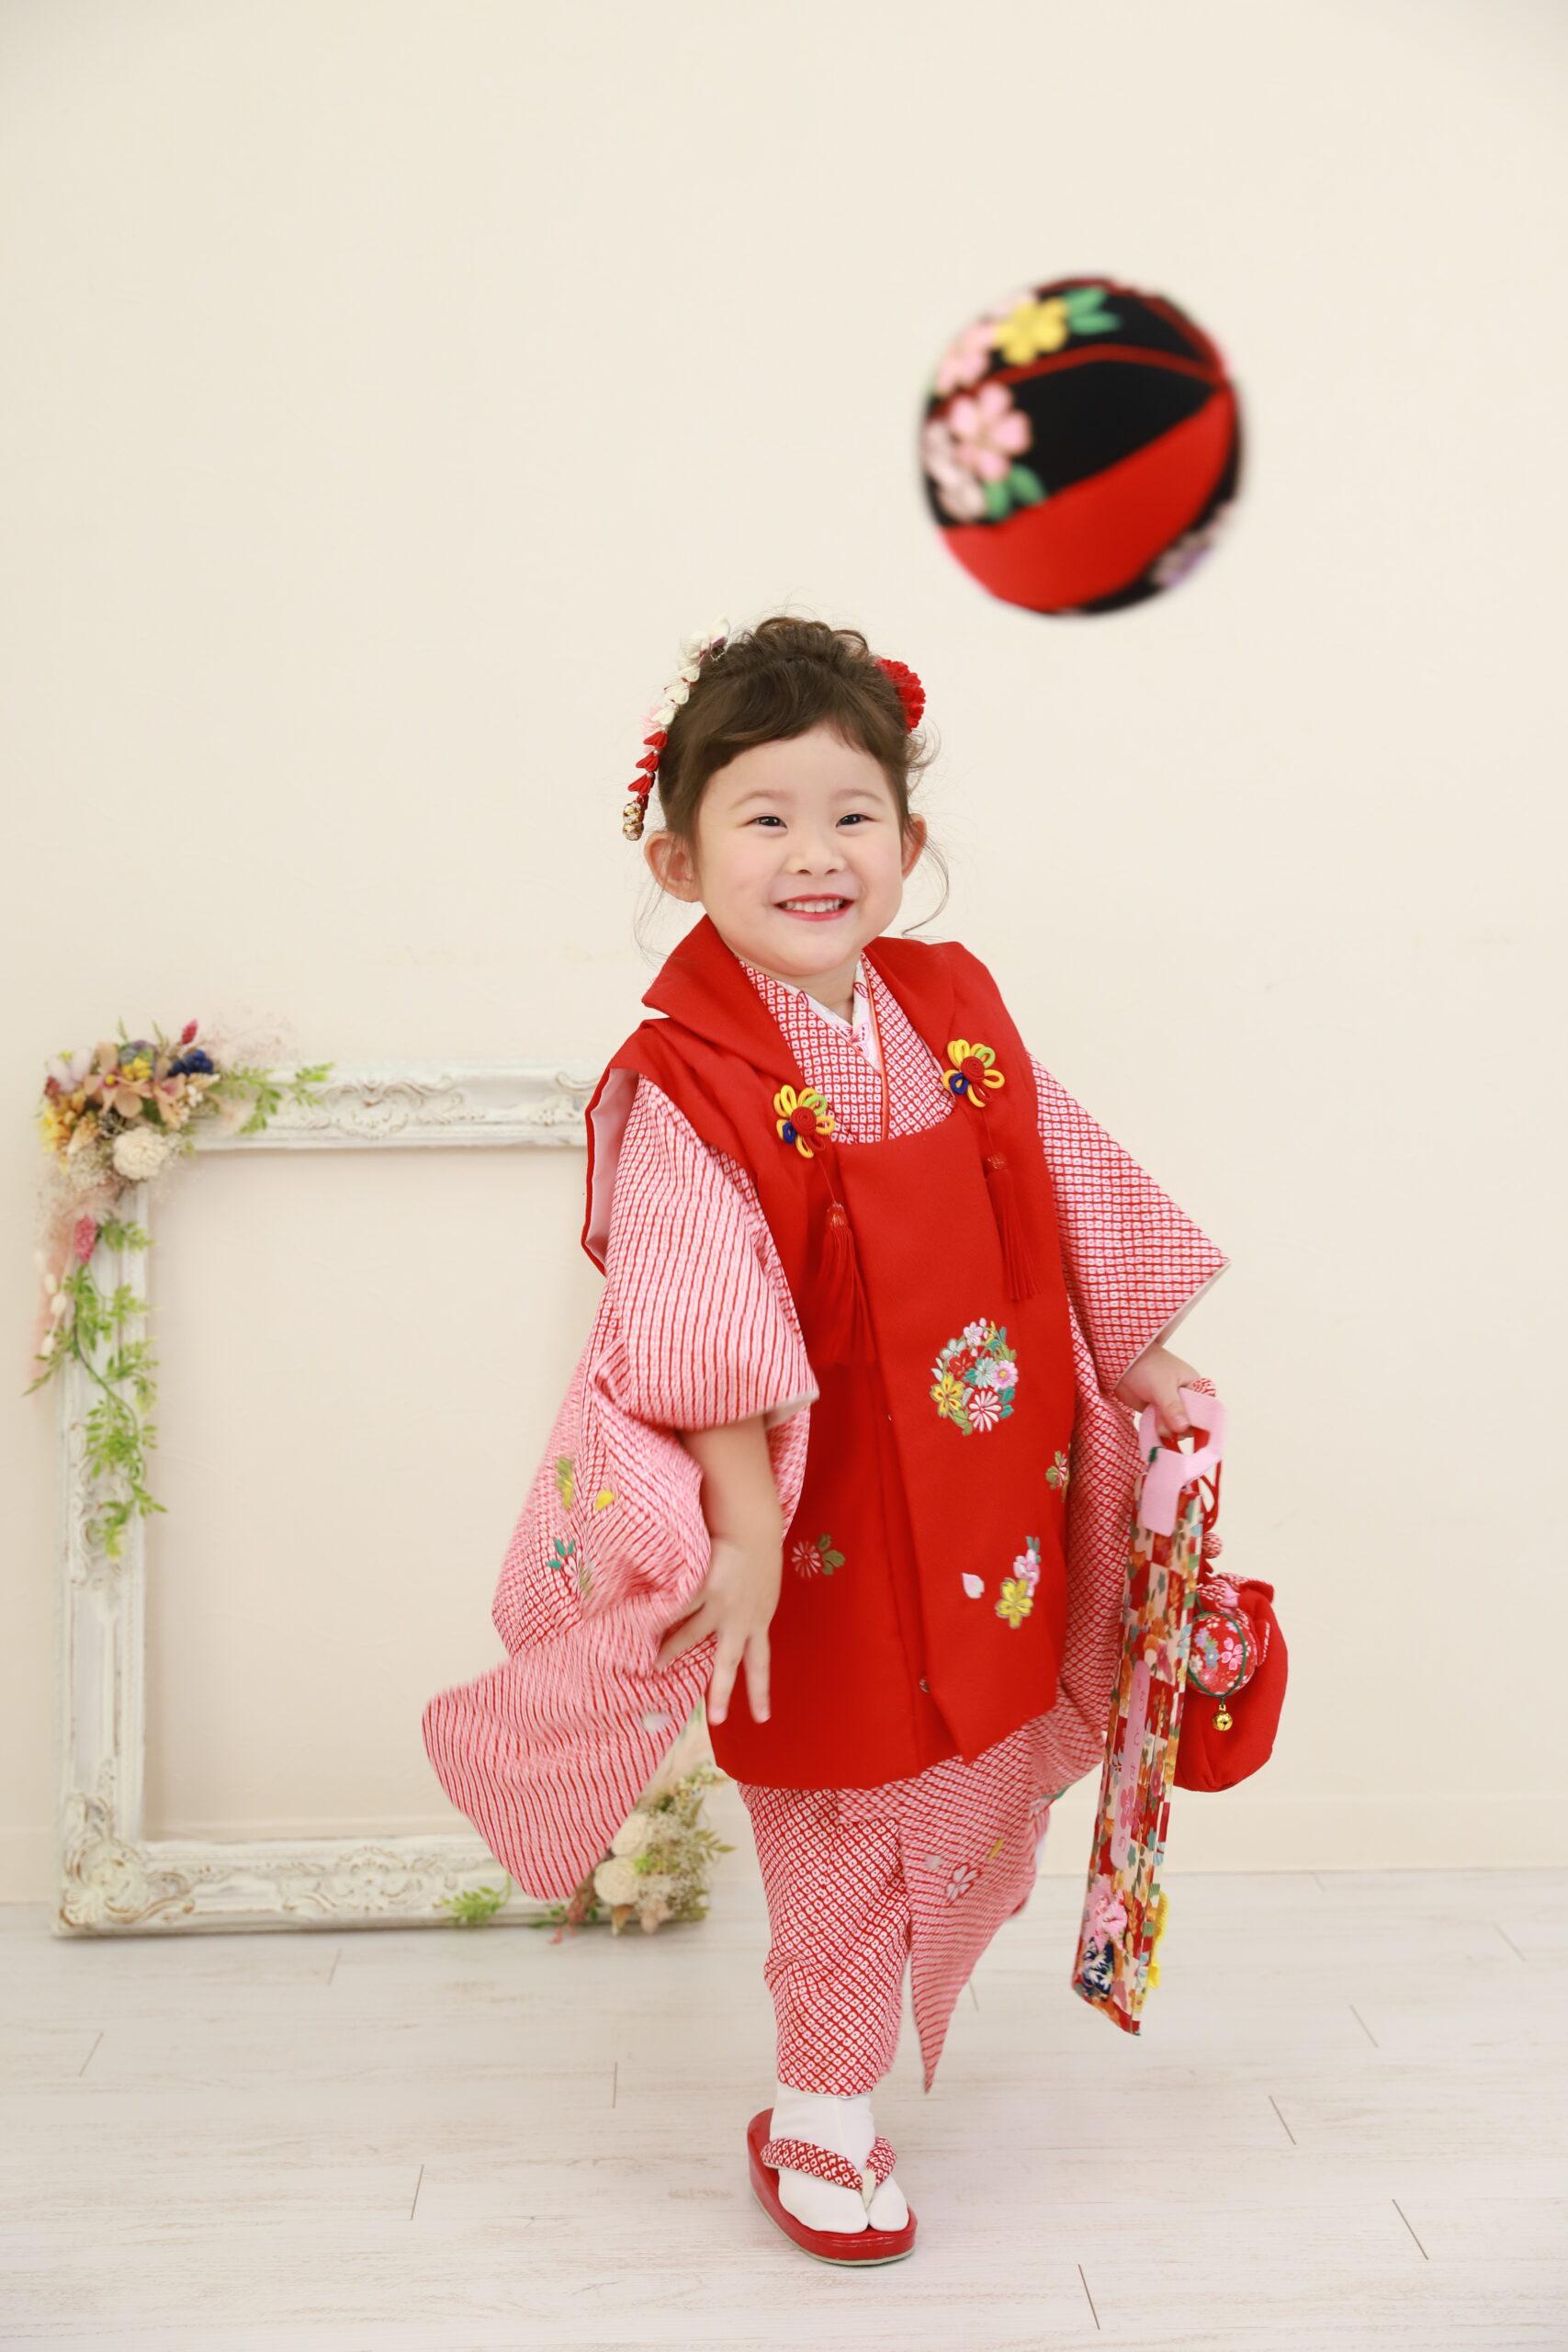 函南で3歳の七五三!撮影も楽しい思い出